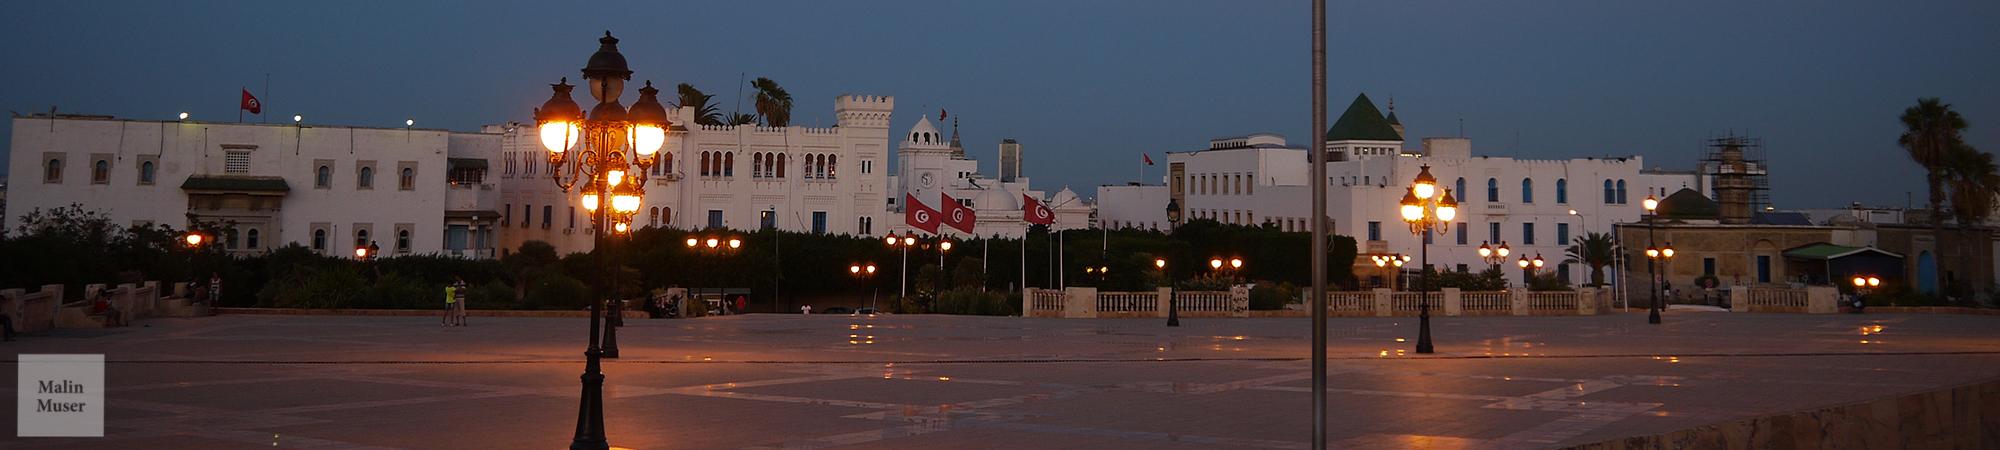 Der große Platz im Herzen von der Medina von Tunis im Abendlicht (Tunesien)